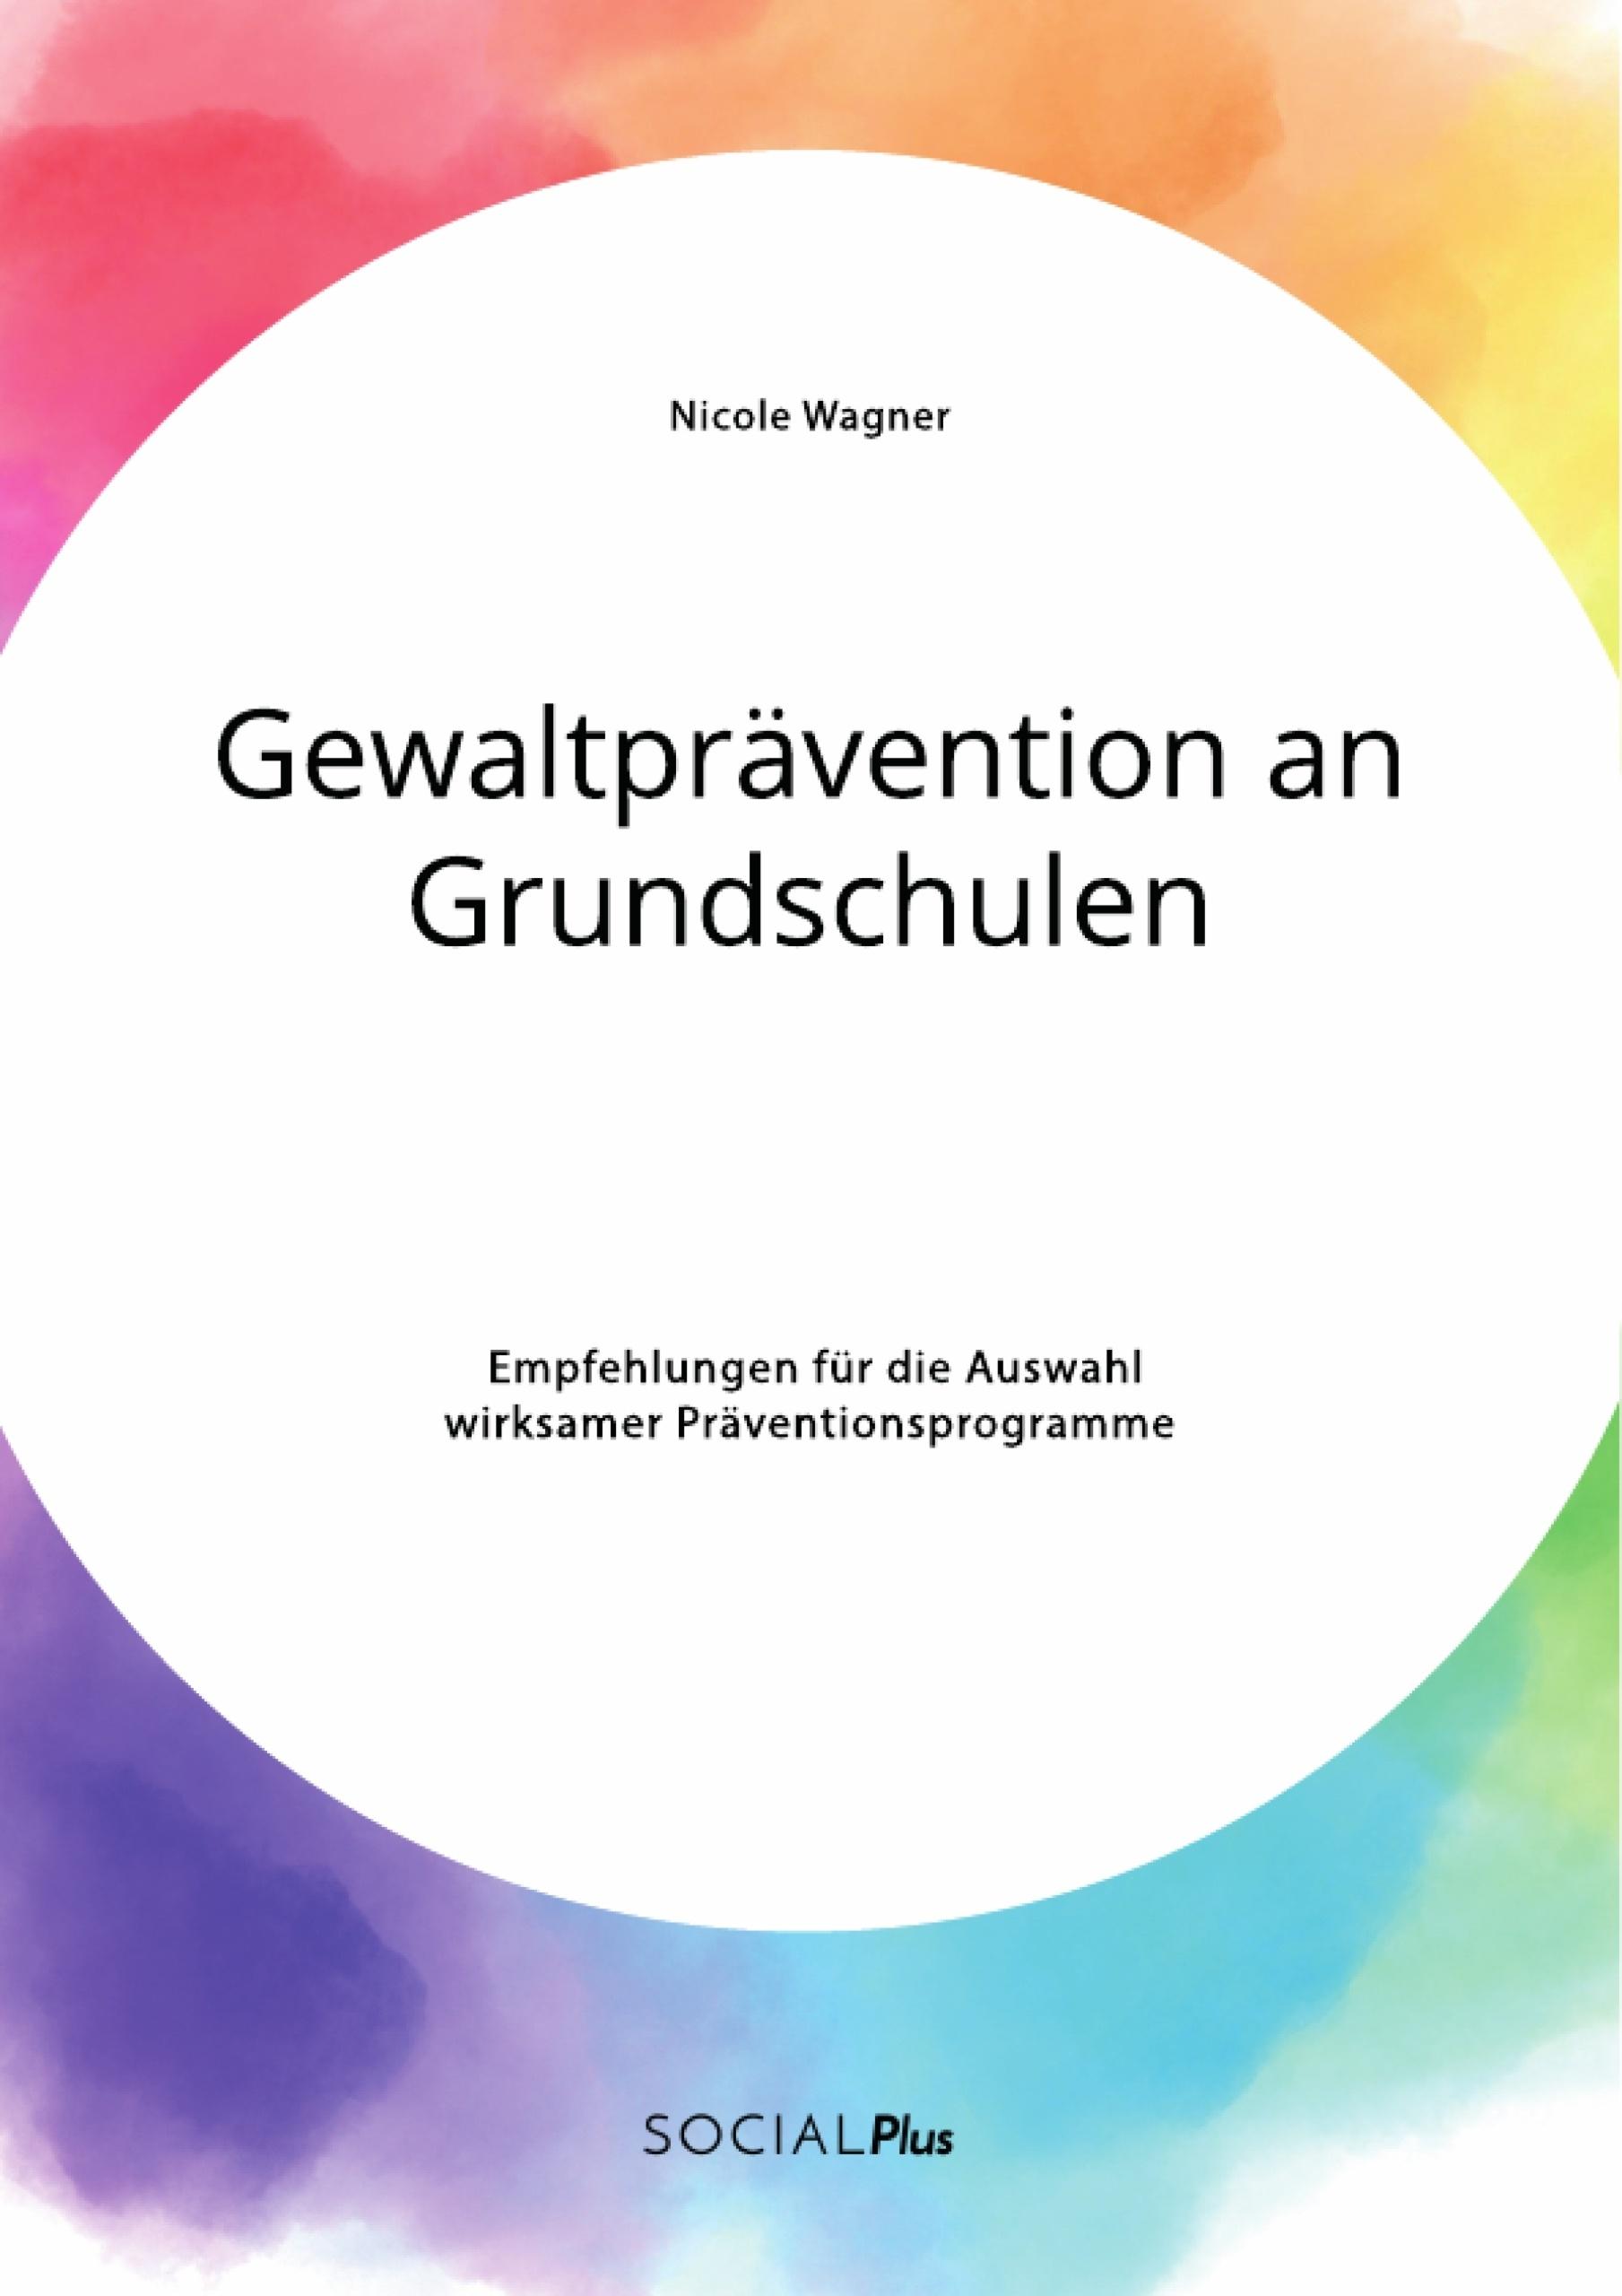 Titel: Gewaltprävention an Grundschulen. Empfehlungen für die Auswahl wirksamer Präventionsprogramme